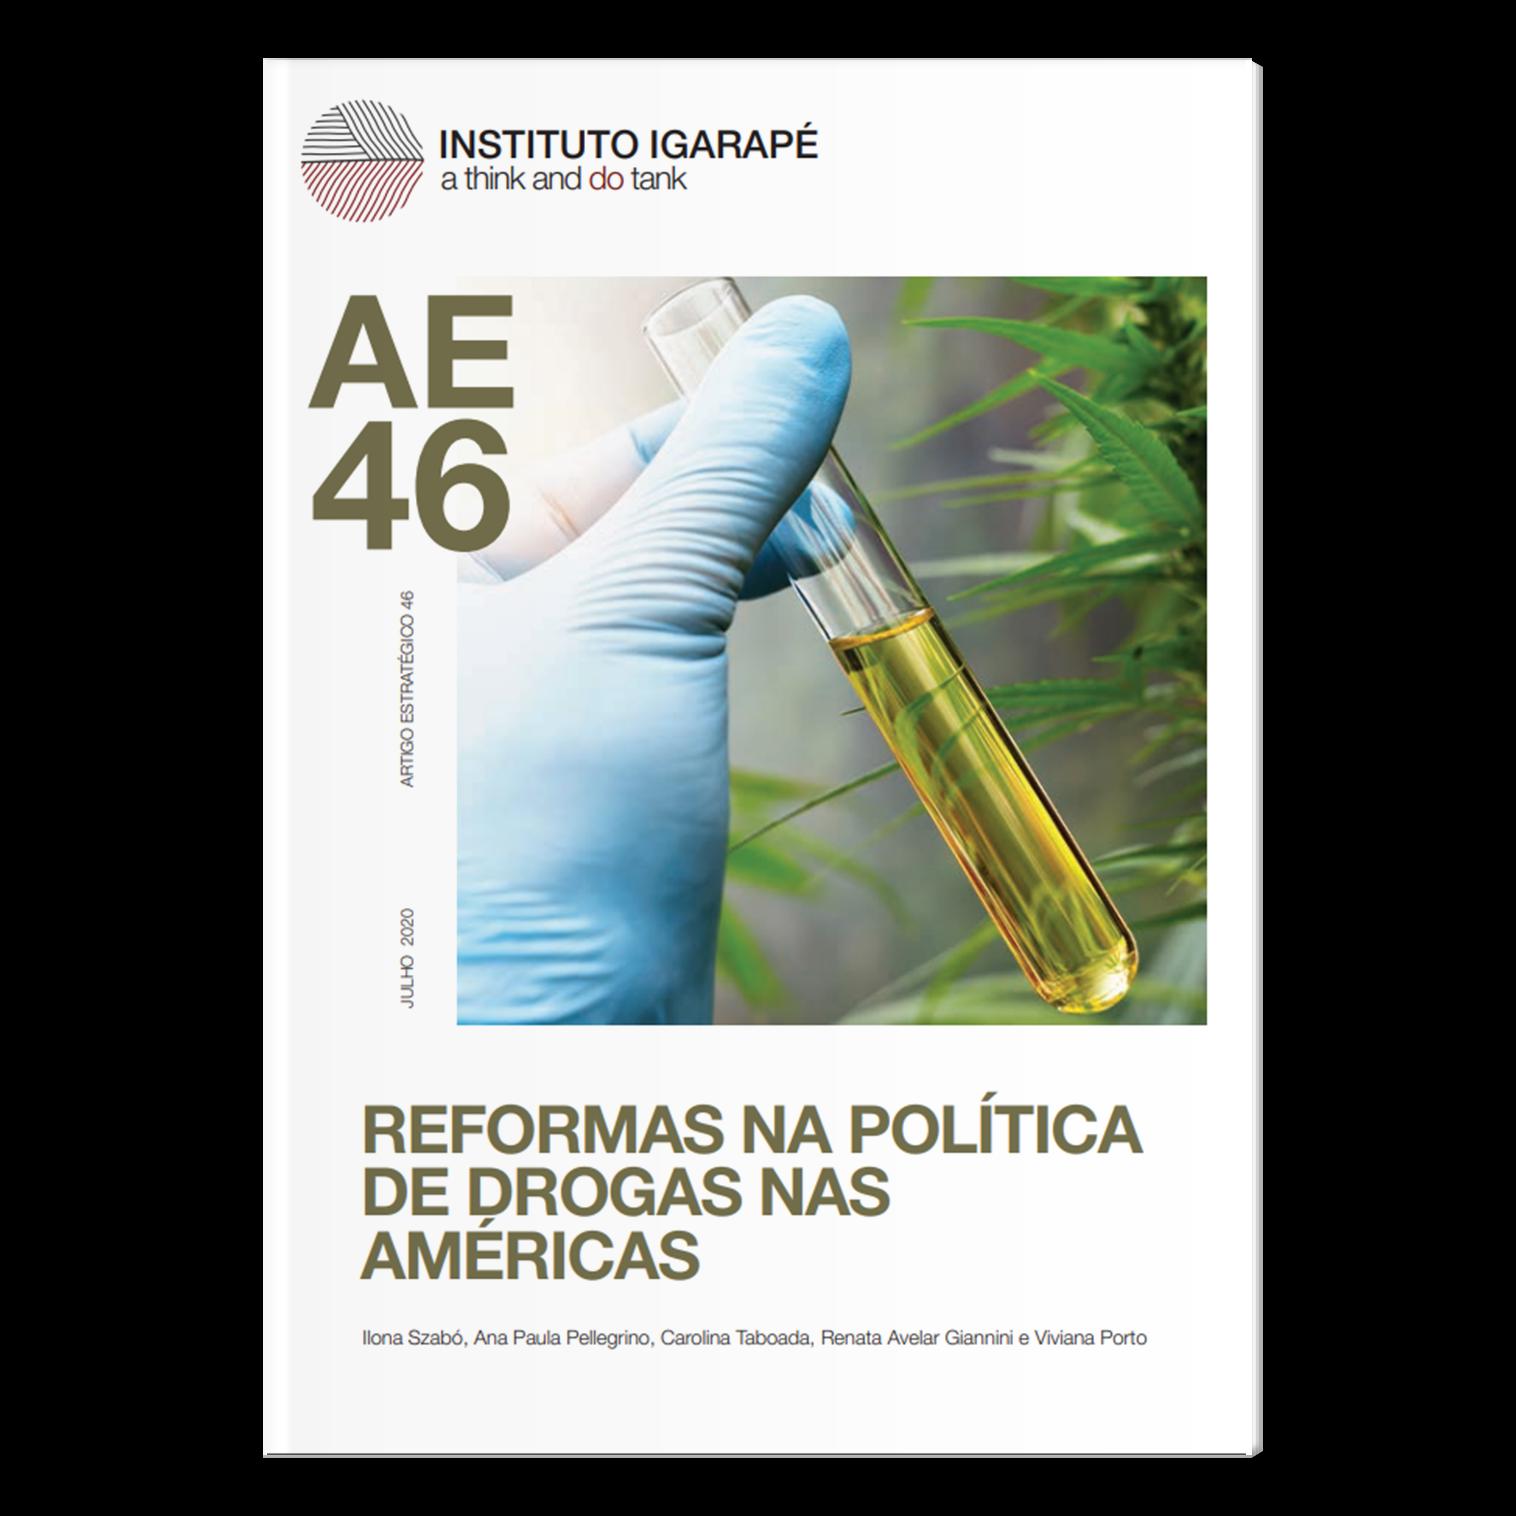 AE46 Reformas na política de drogas nas Américas